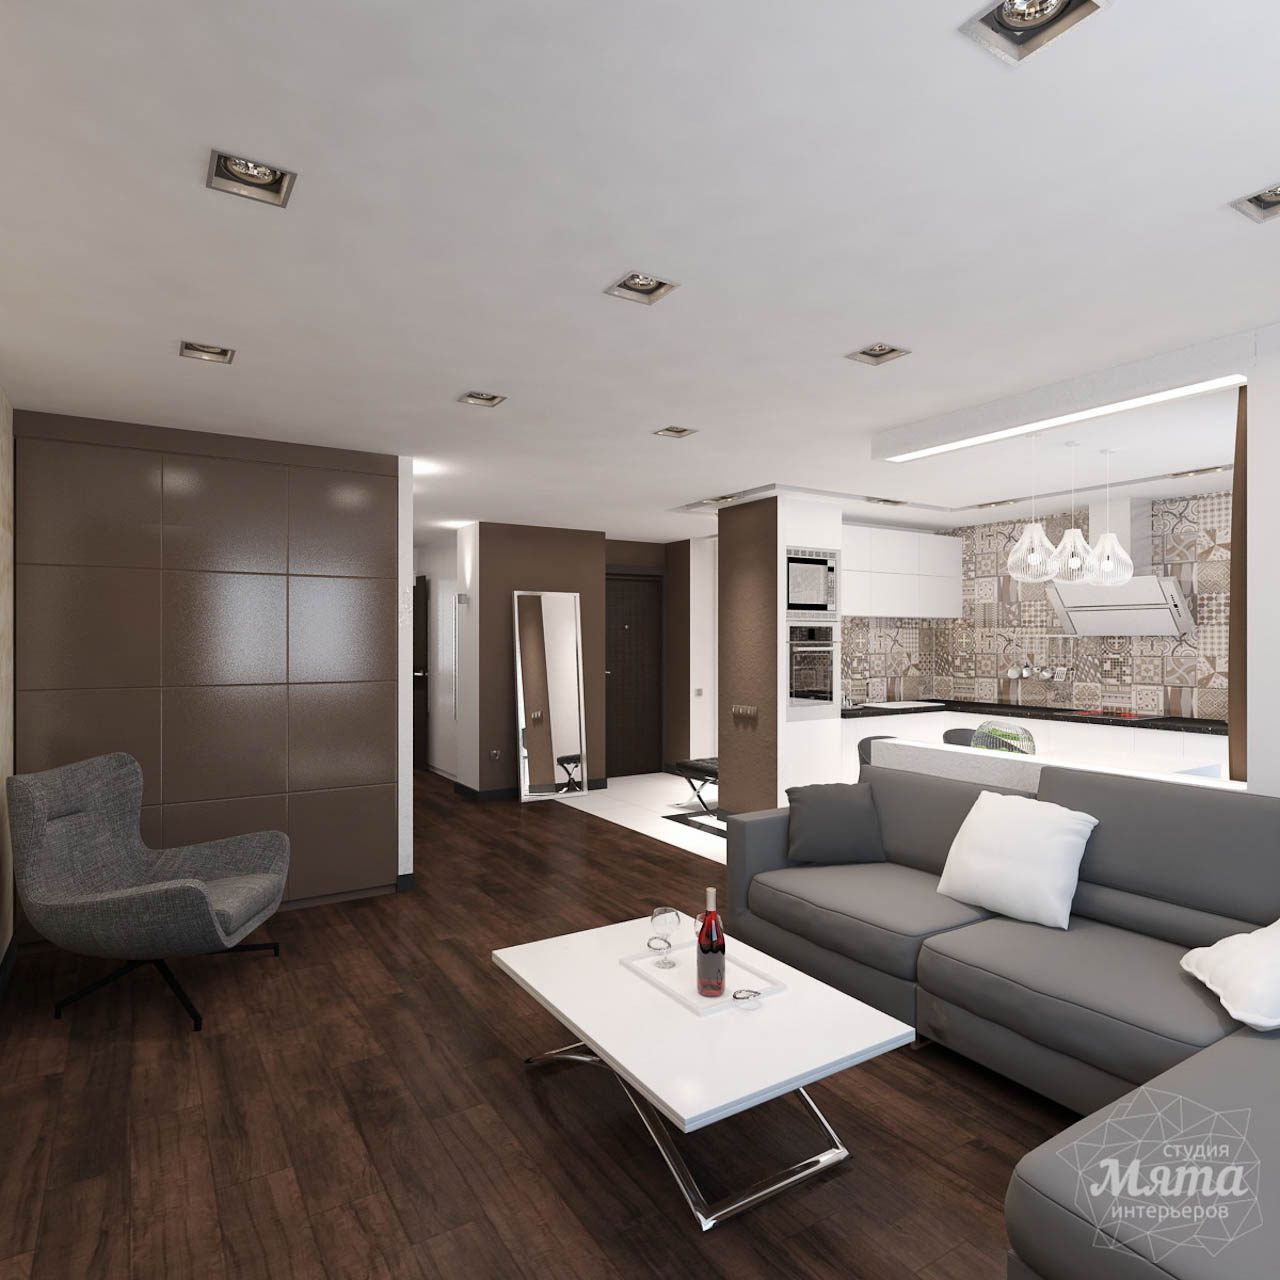 Дизайн интерьера однокомнатной квартиры по ул. Гагарина 27 img1368690574